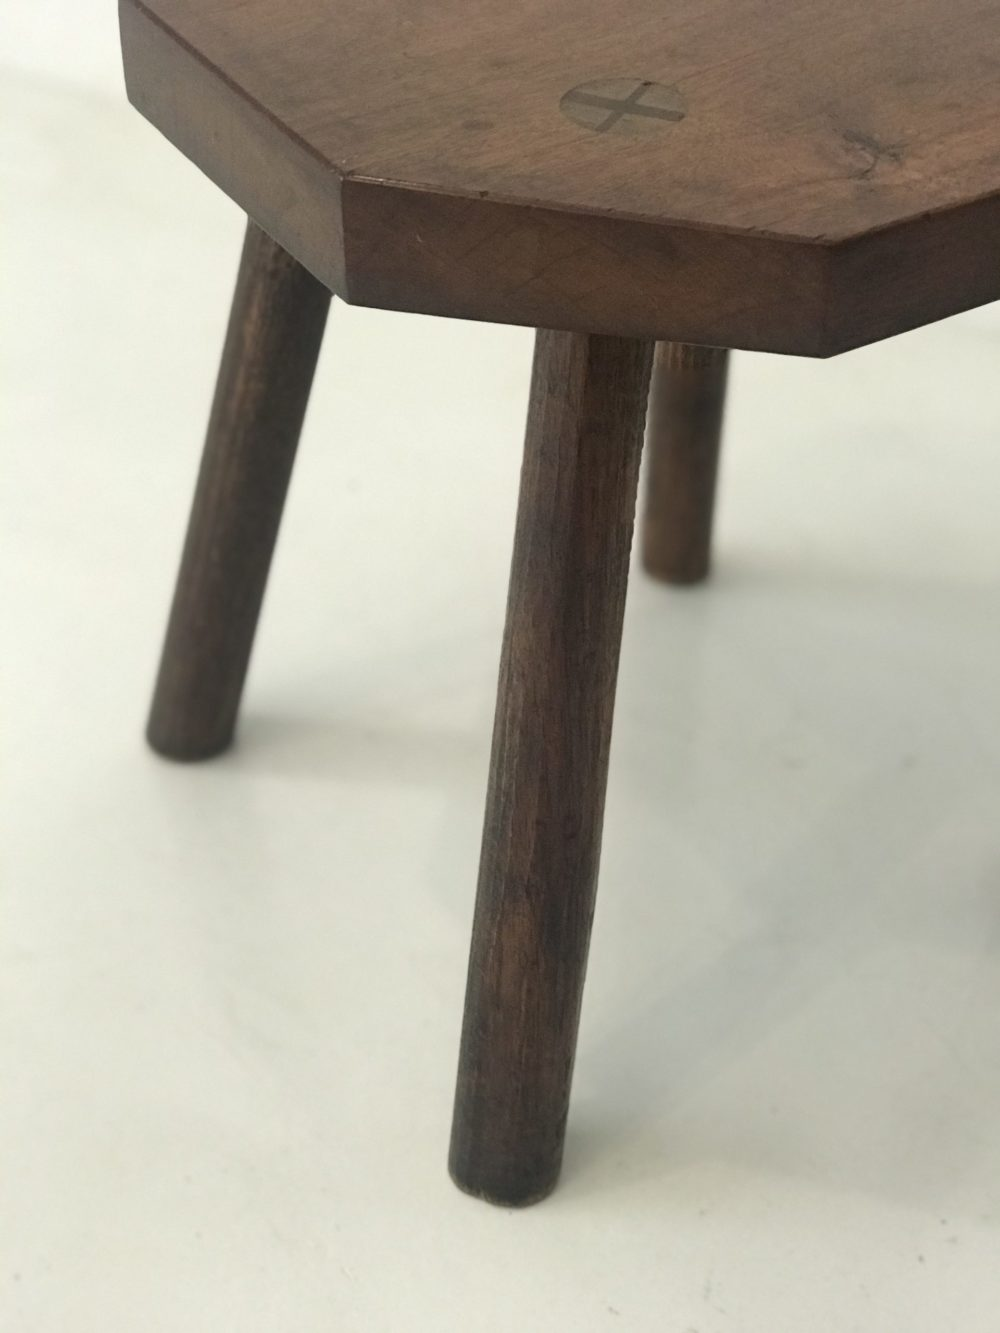 Rooiels & Kiaat Milk stool